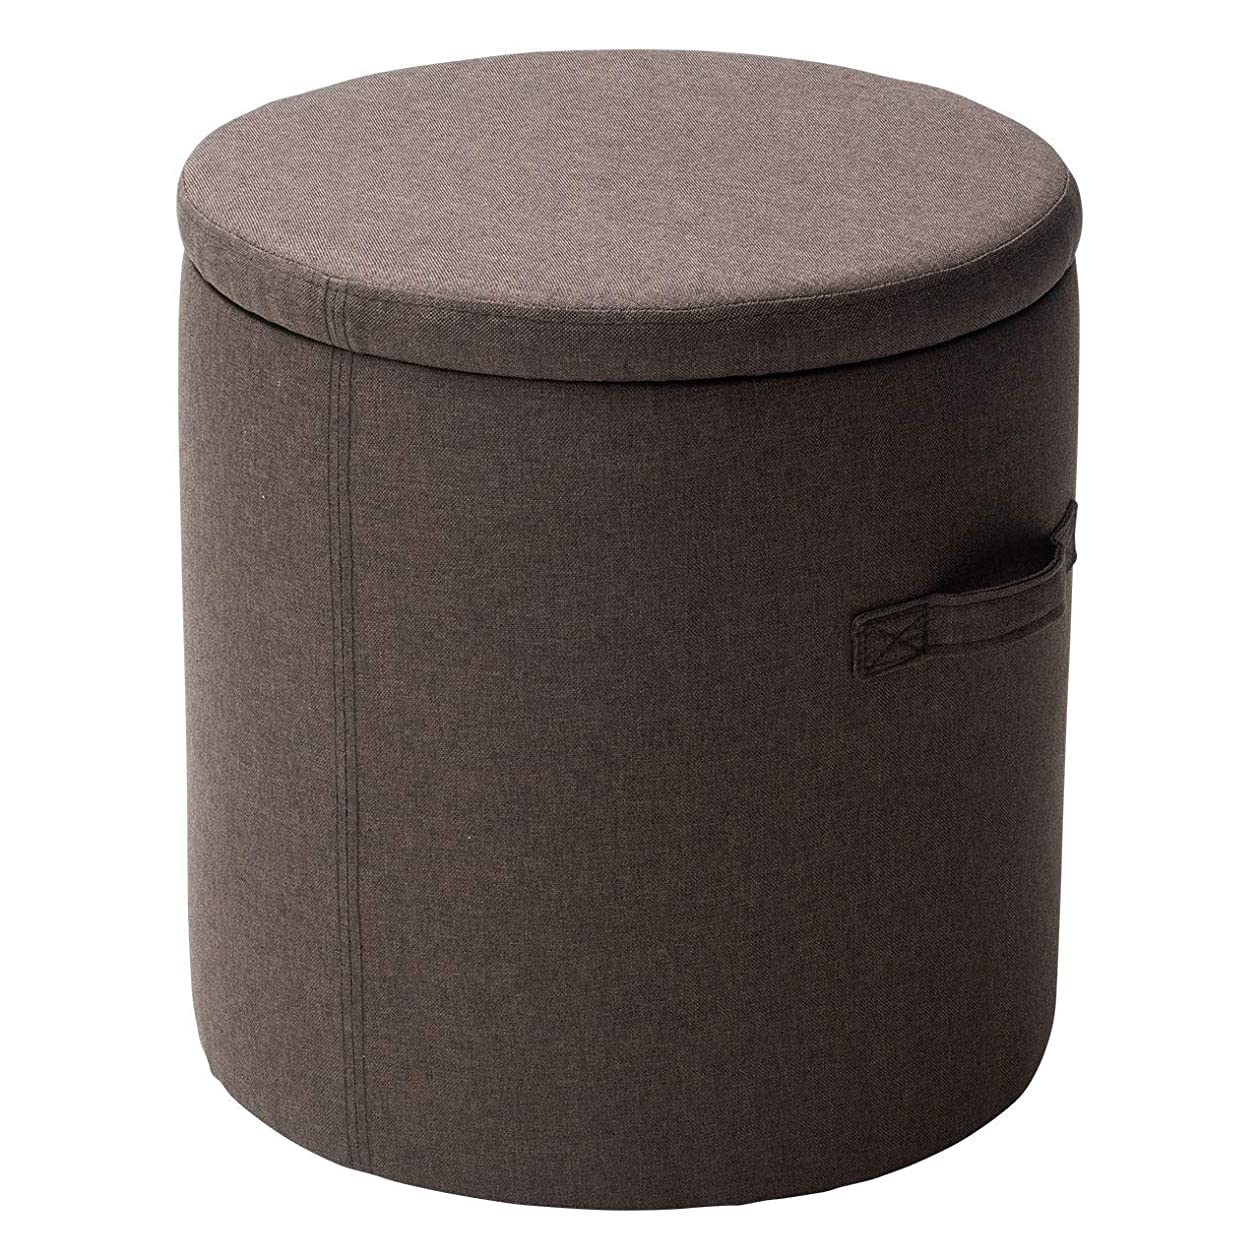 器官森付属品サンワダイレクト 収納スツール 直径41.5cm×高さ43.5cm 椅子 耐荷重80kg 約42L 持ち手付き 軽量4.6kg 足置き ブラウン 150-SNCBOX11BR